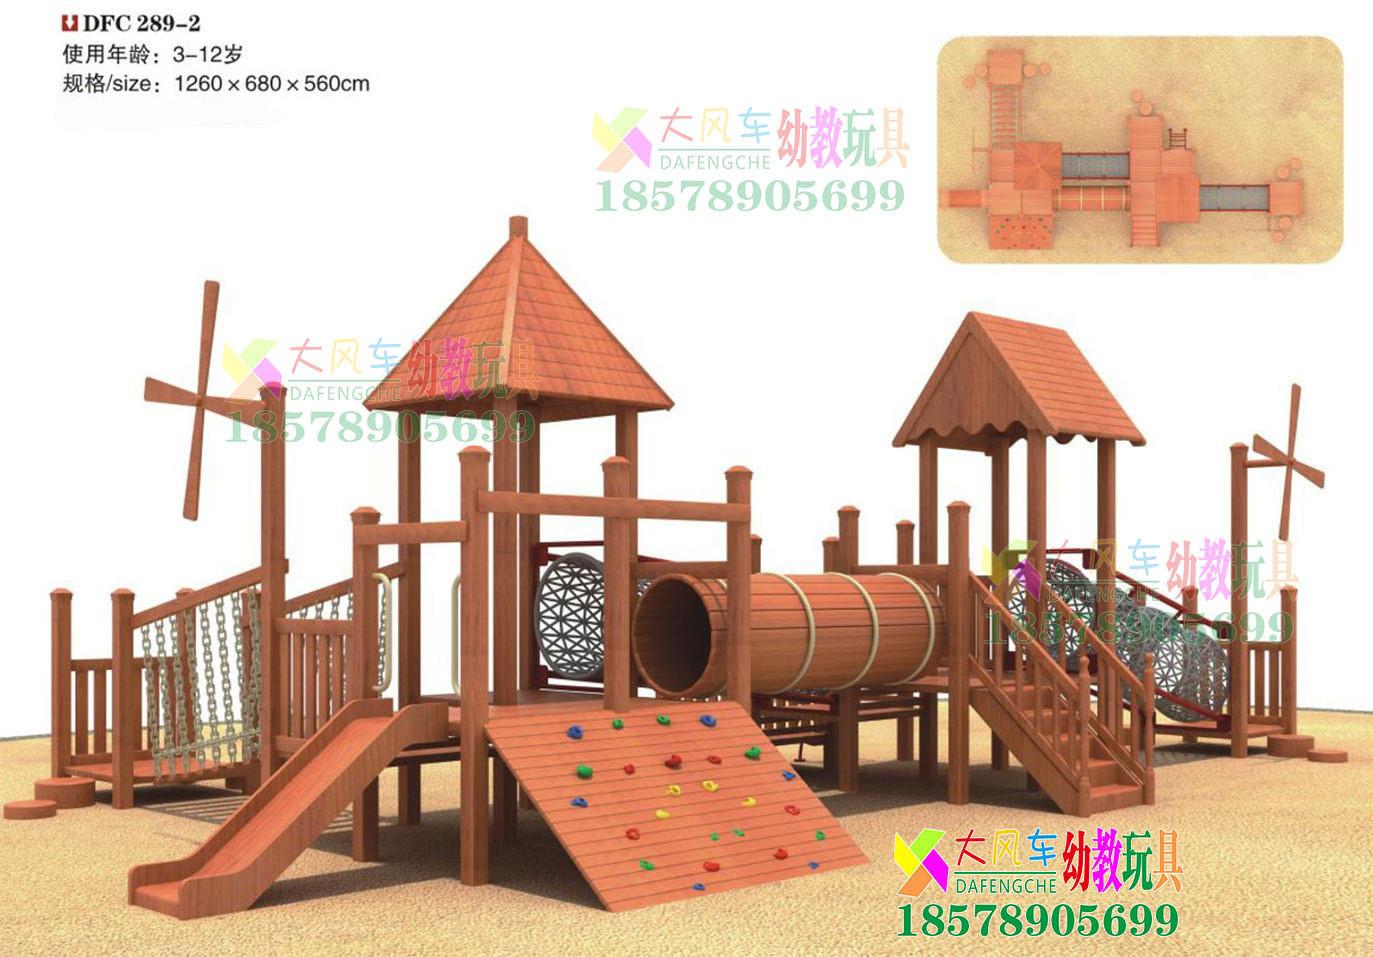 幼儿园木质组合滑梯小博士南宁大风车玩具厂